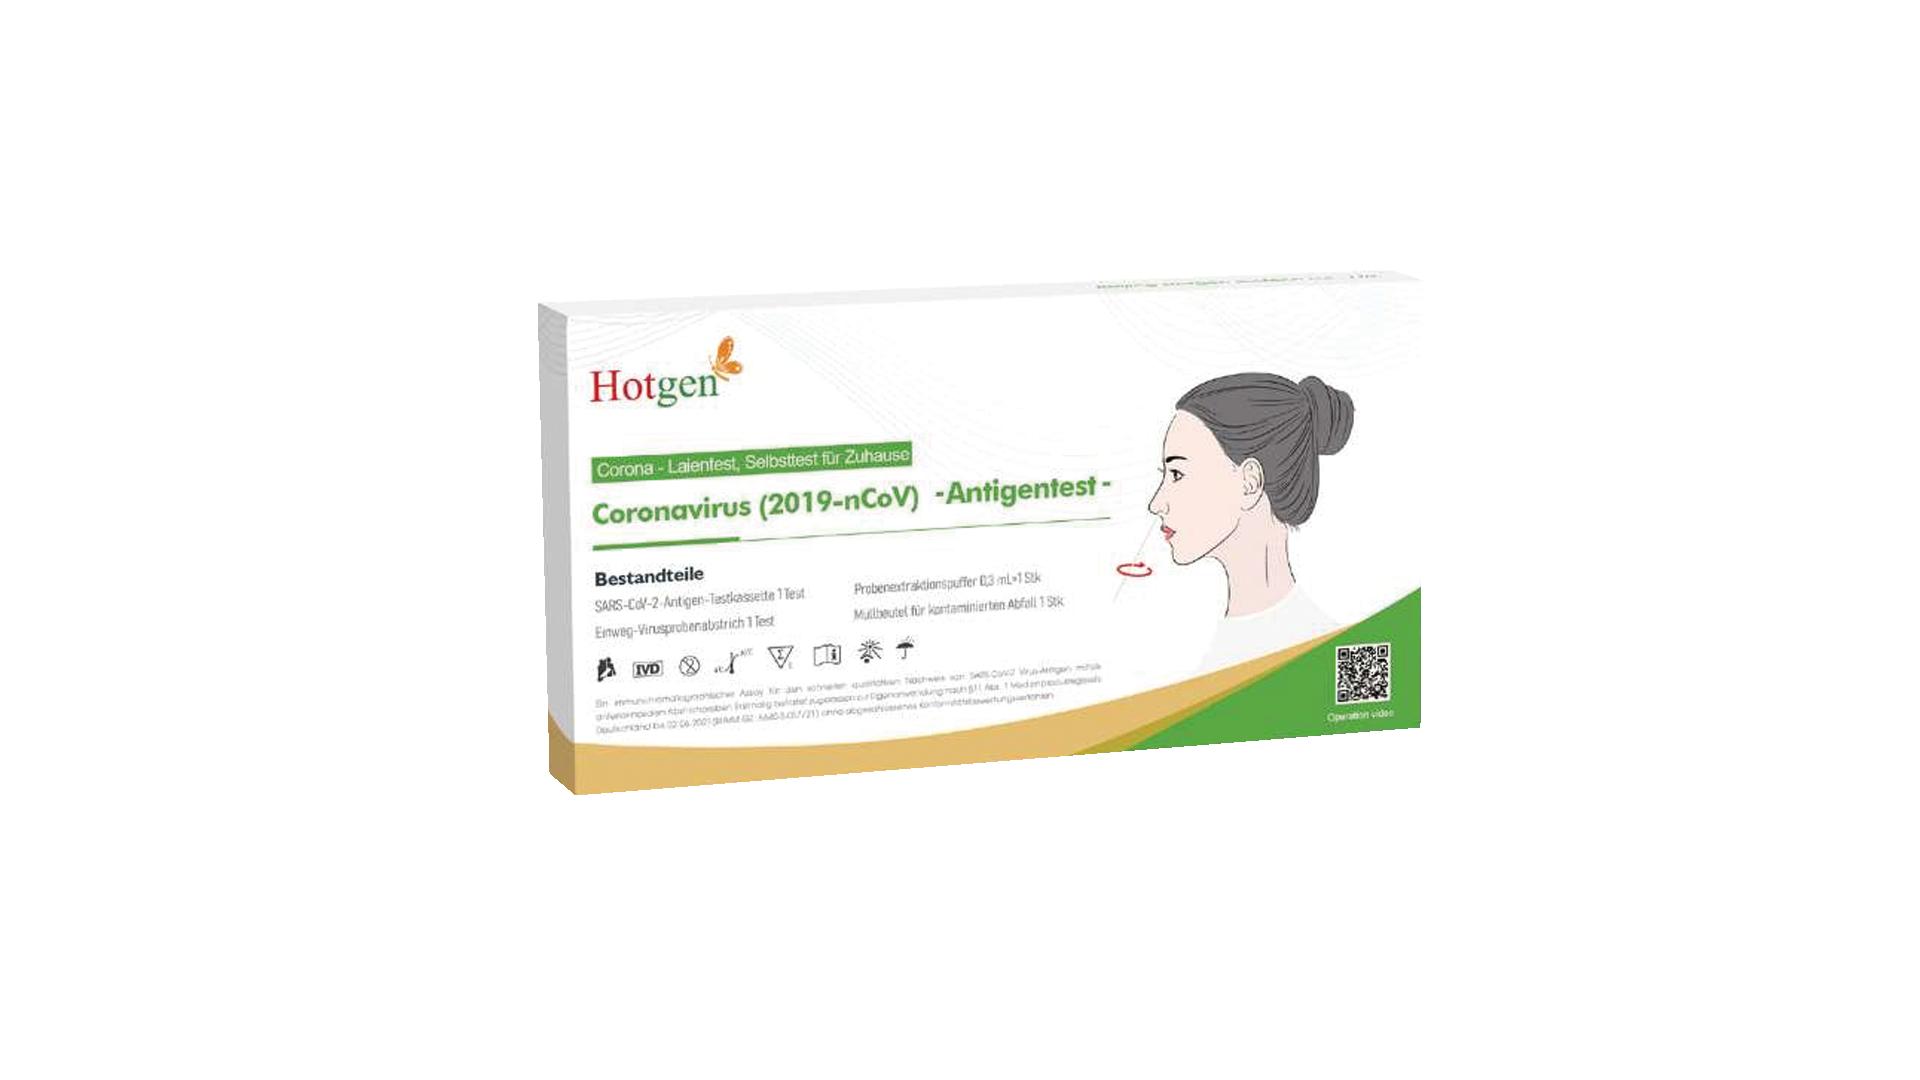 Hotgen - Corona-Laientest, Selbsttest für Zuhause